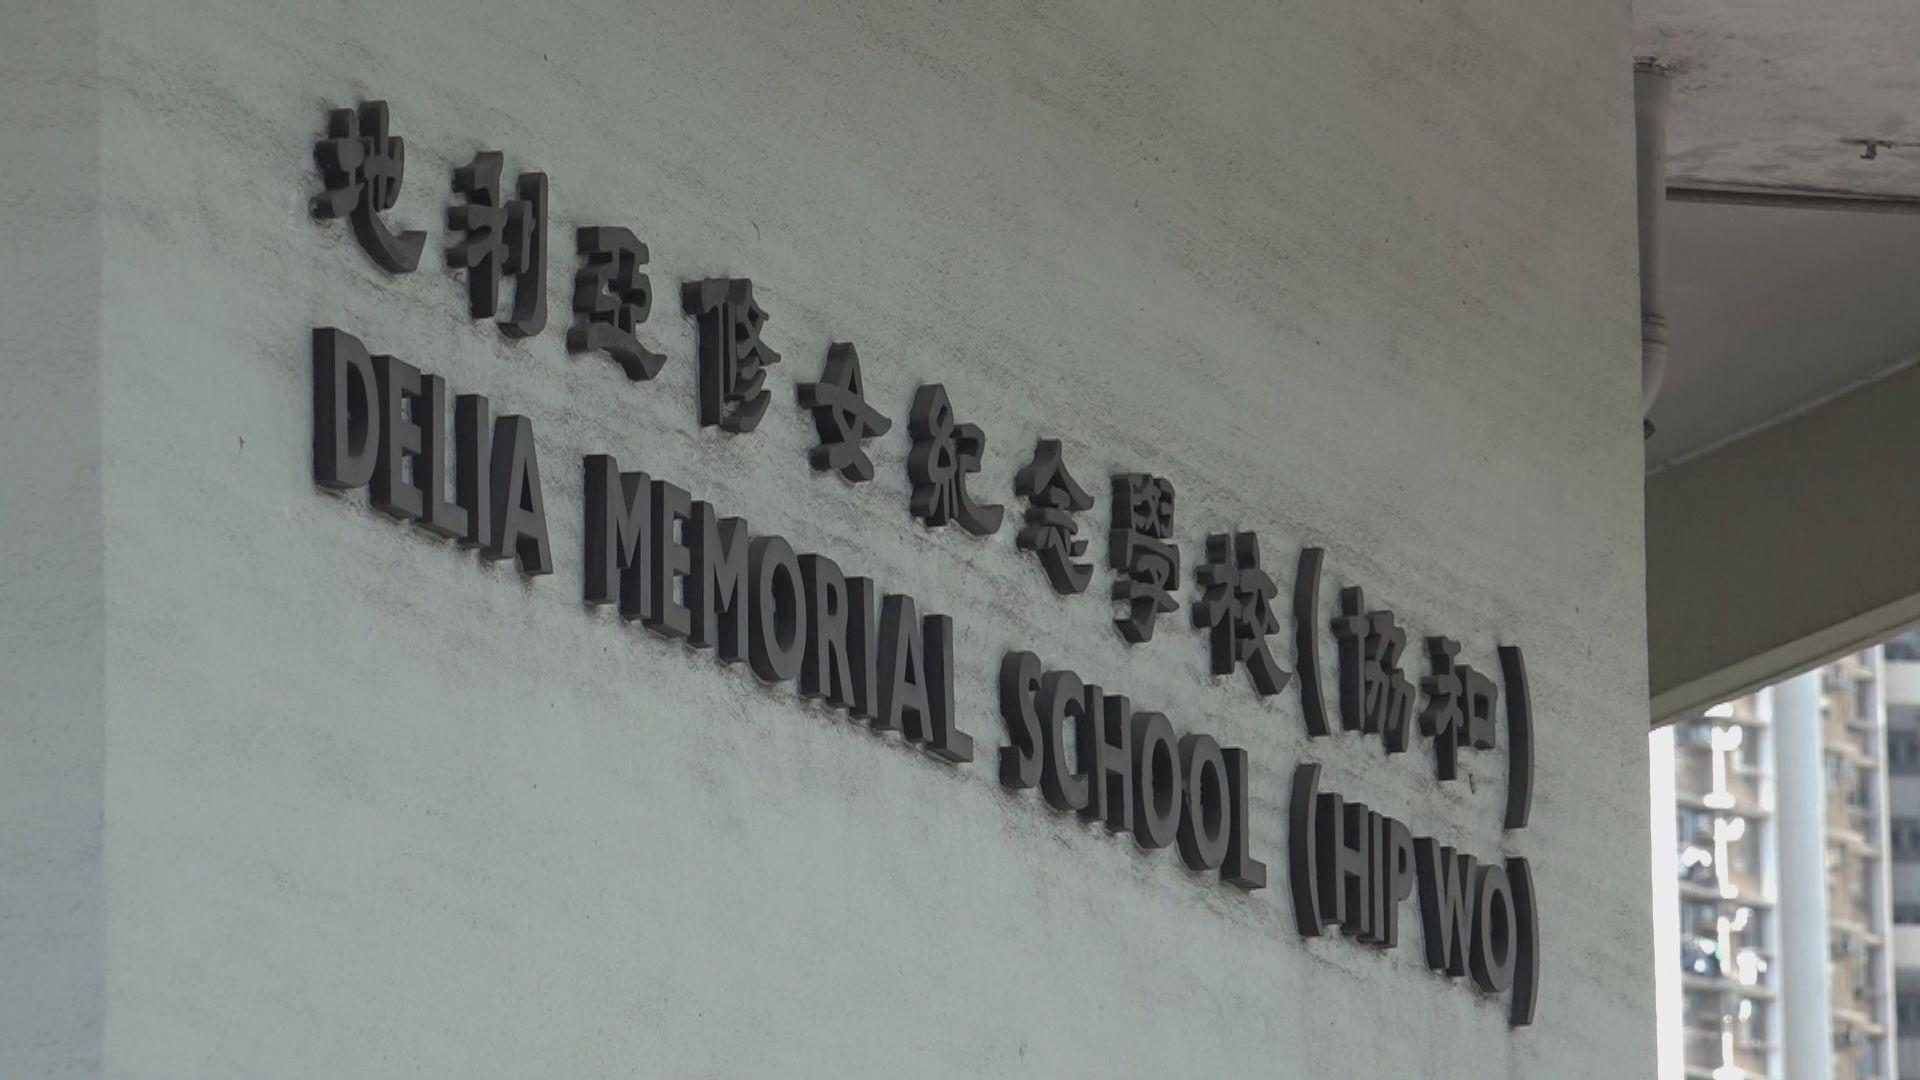 觀塘有中學周一起中六全日面授 校方稱有望全校返全日